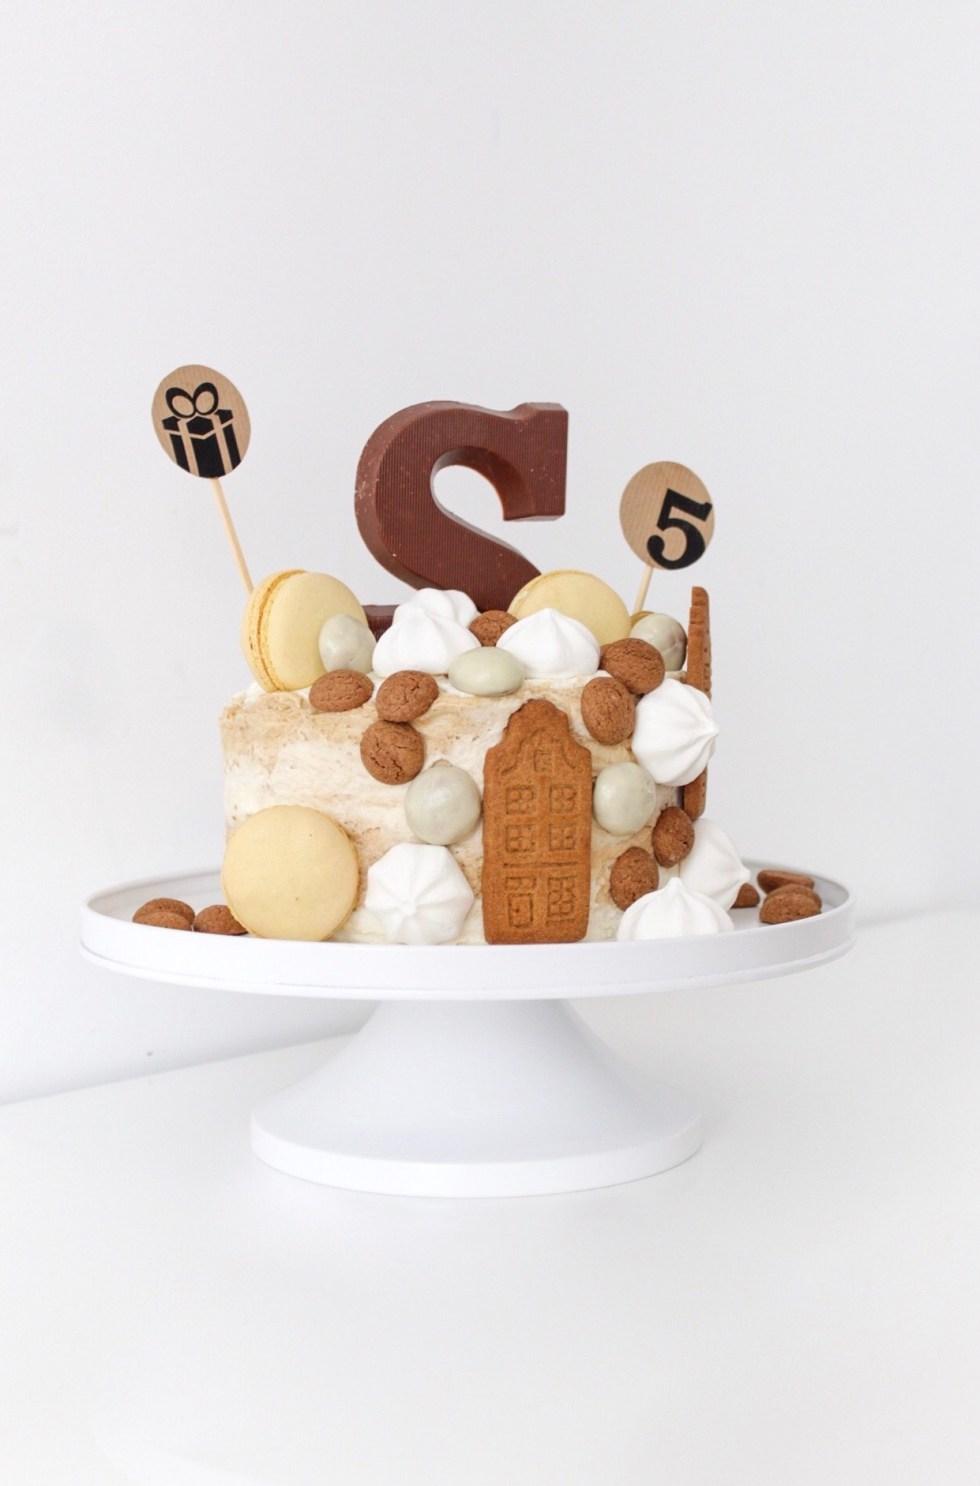 Sinterklaastaart, Sinterklaas, Sinterklaas taart, taart, taarten, taart decoreren, taart maken, kant-en-klare taart, taart decoratie, snelle taart, hazelnootschuimtaart, inspiratie, thathomepage, (th)athomepage